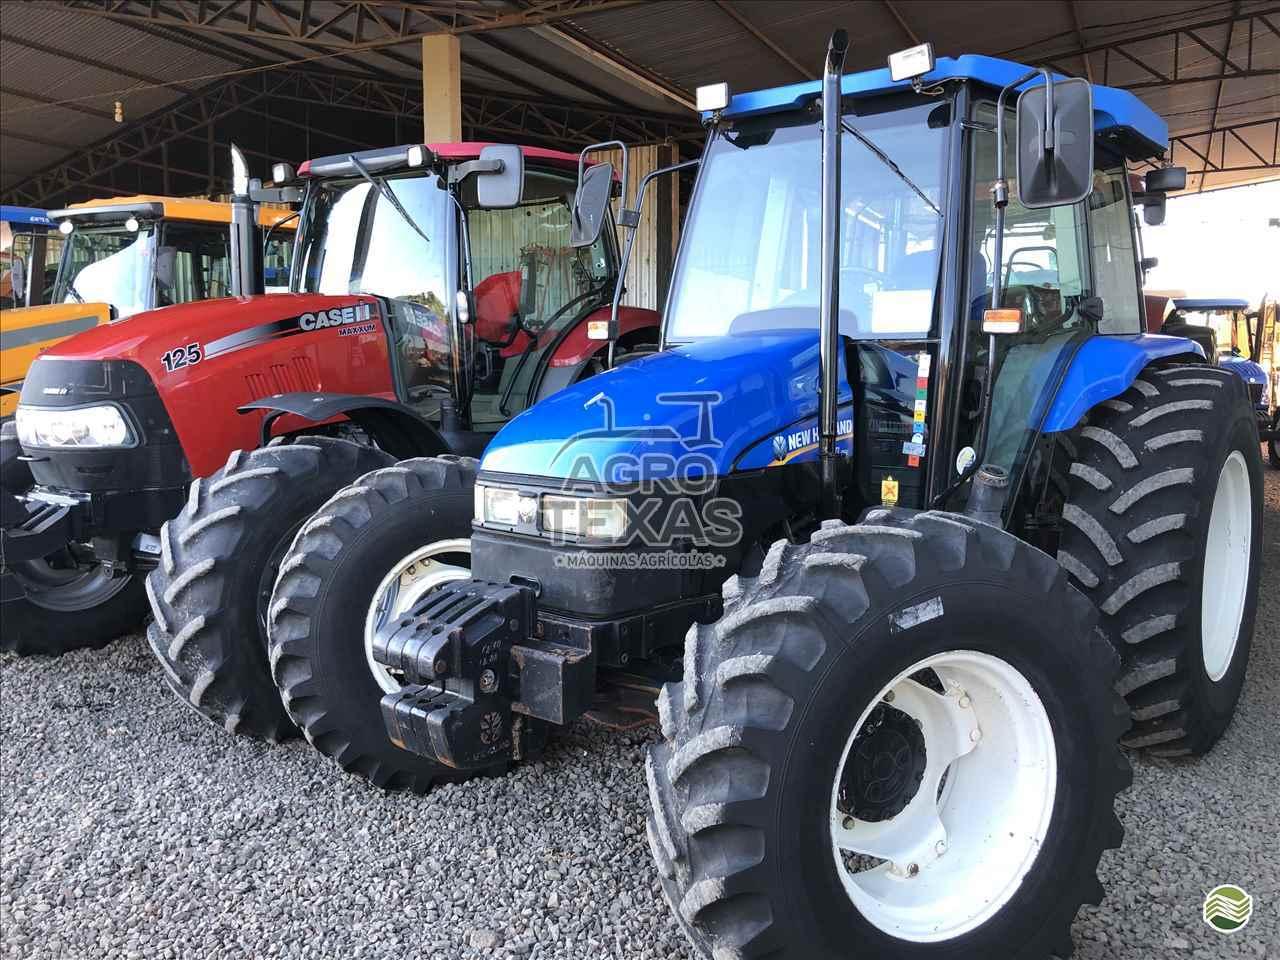 TRATOR NEW HOLLAND NEW TL 95 Tração 4x4 Agro Texas Máquinas Agrícolas VITORINO PARANÁ PR